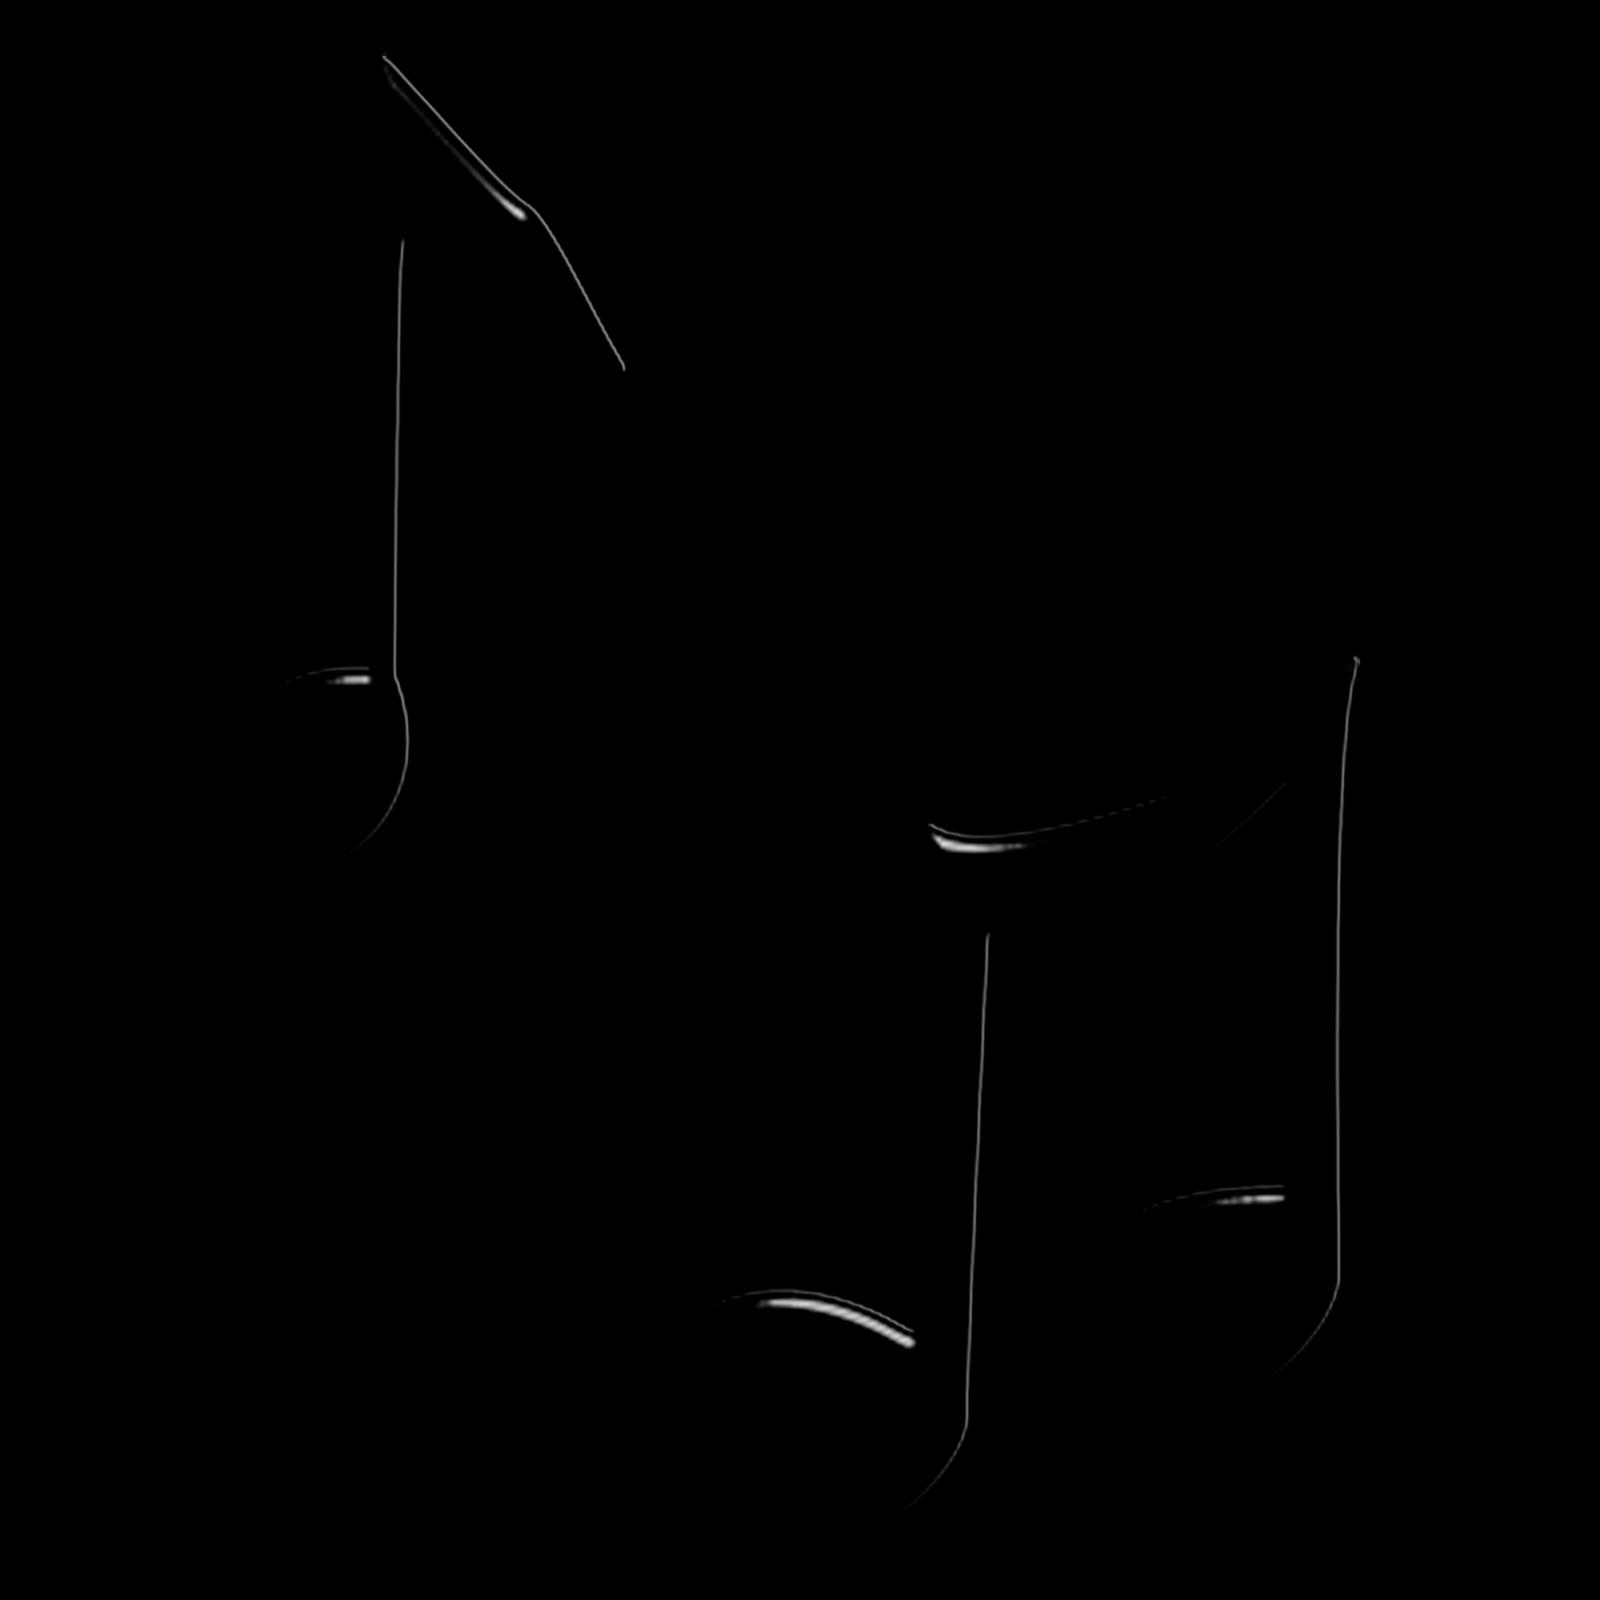 Amado Dibujos Ideia Criativa: Desenho de Notas Musicais colorido MH98